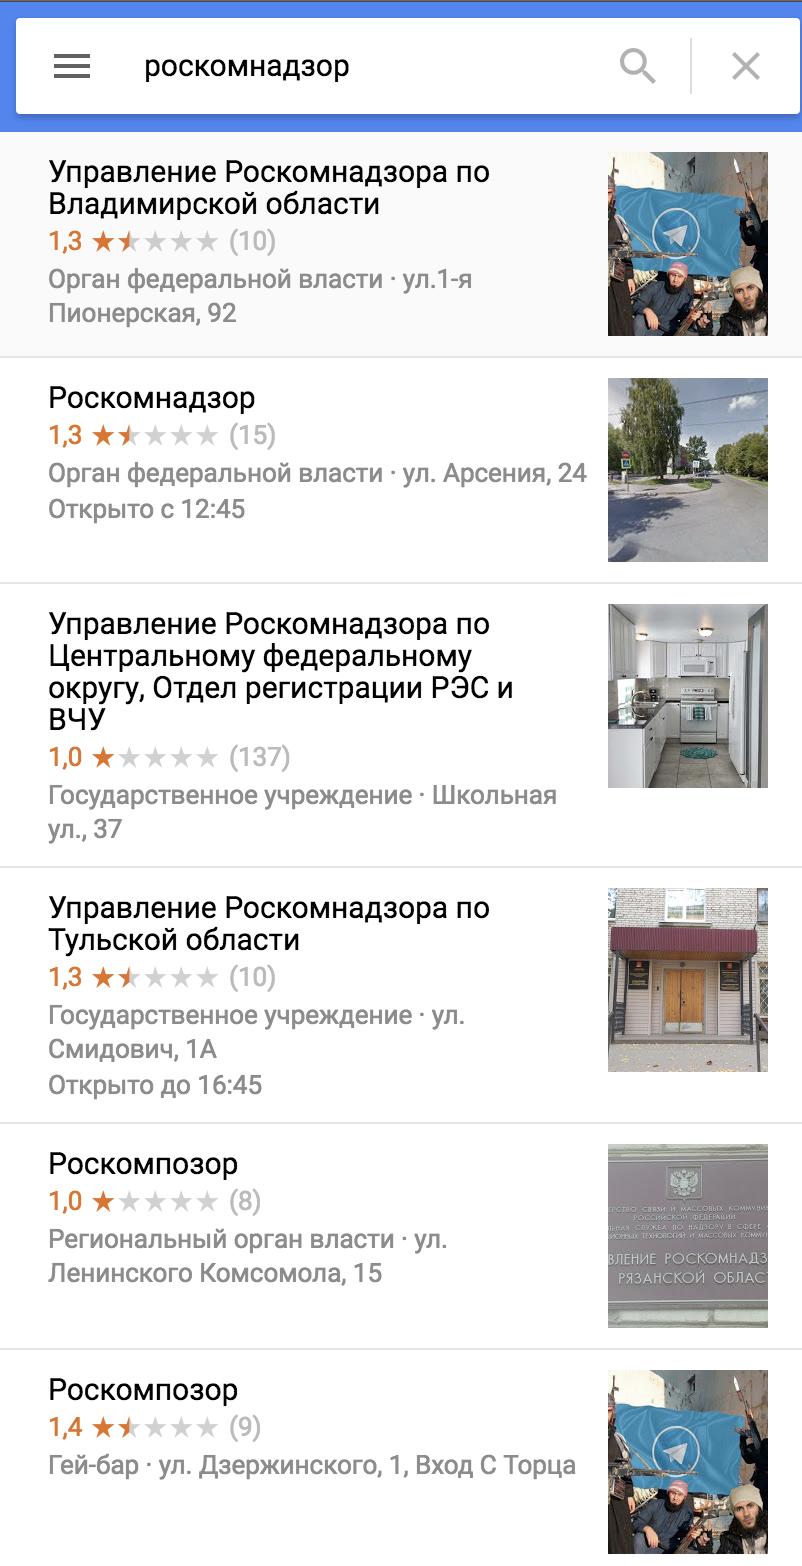 Роскомнадзор переименовали Роскомпозор